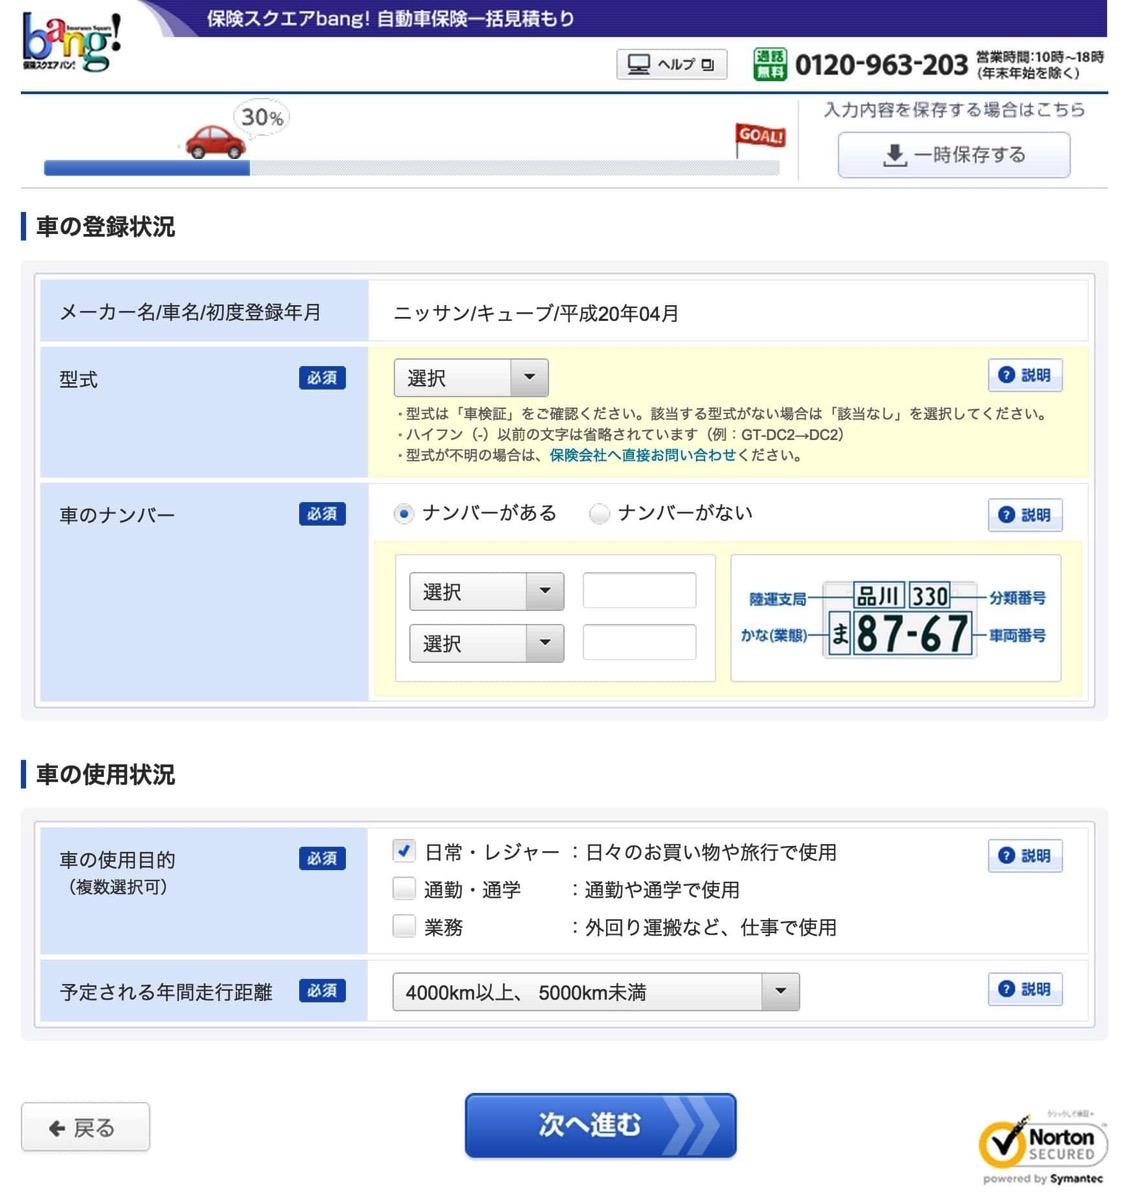 車の登録状況